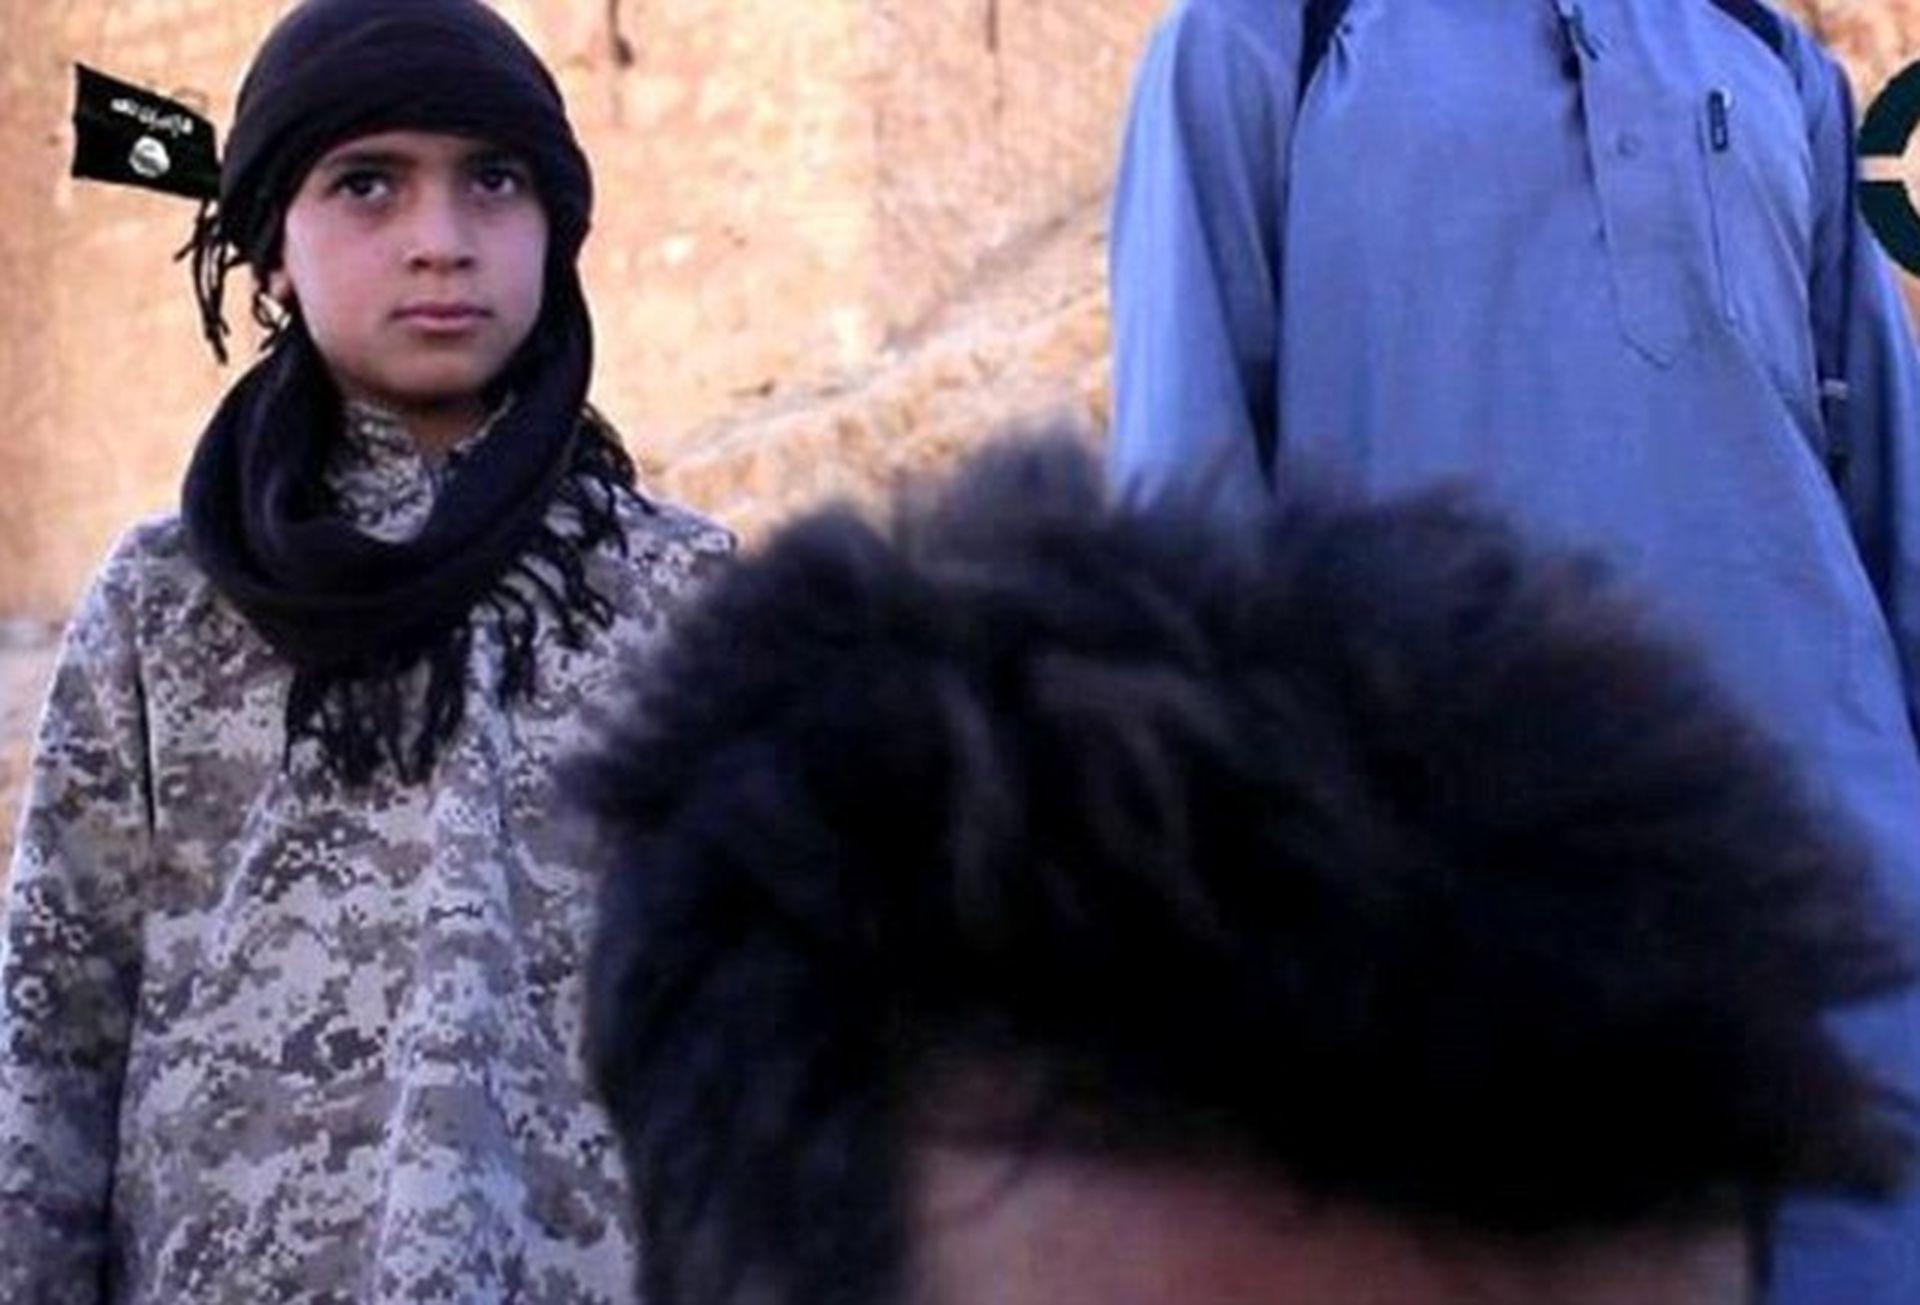 SVIJET ZGROŽEN IS prvi put objavio snimku djeteta vojnika koji odrubljuje glavu